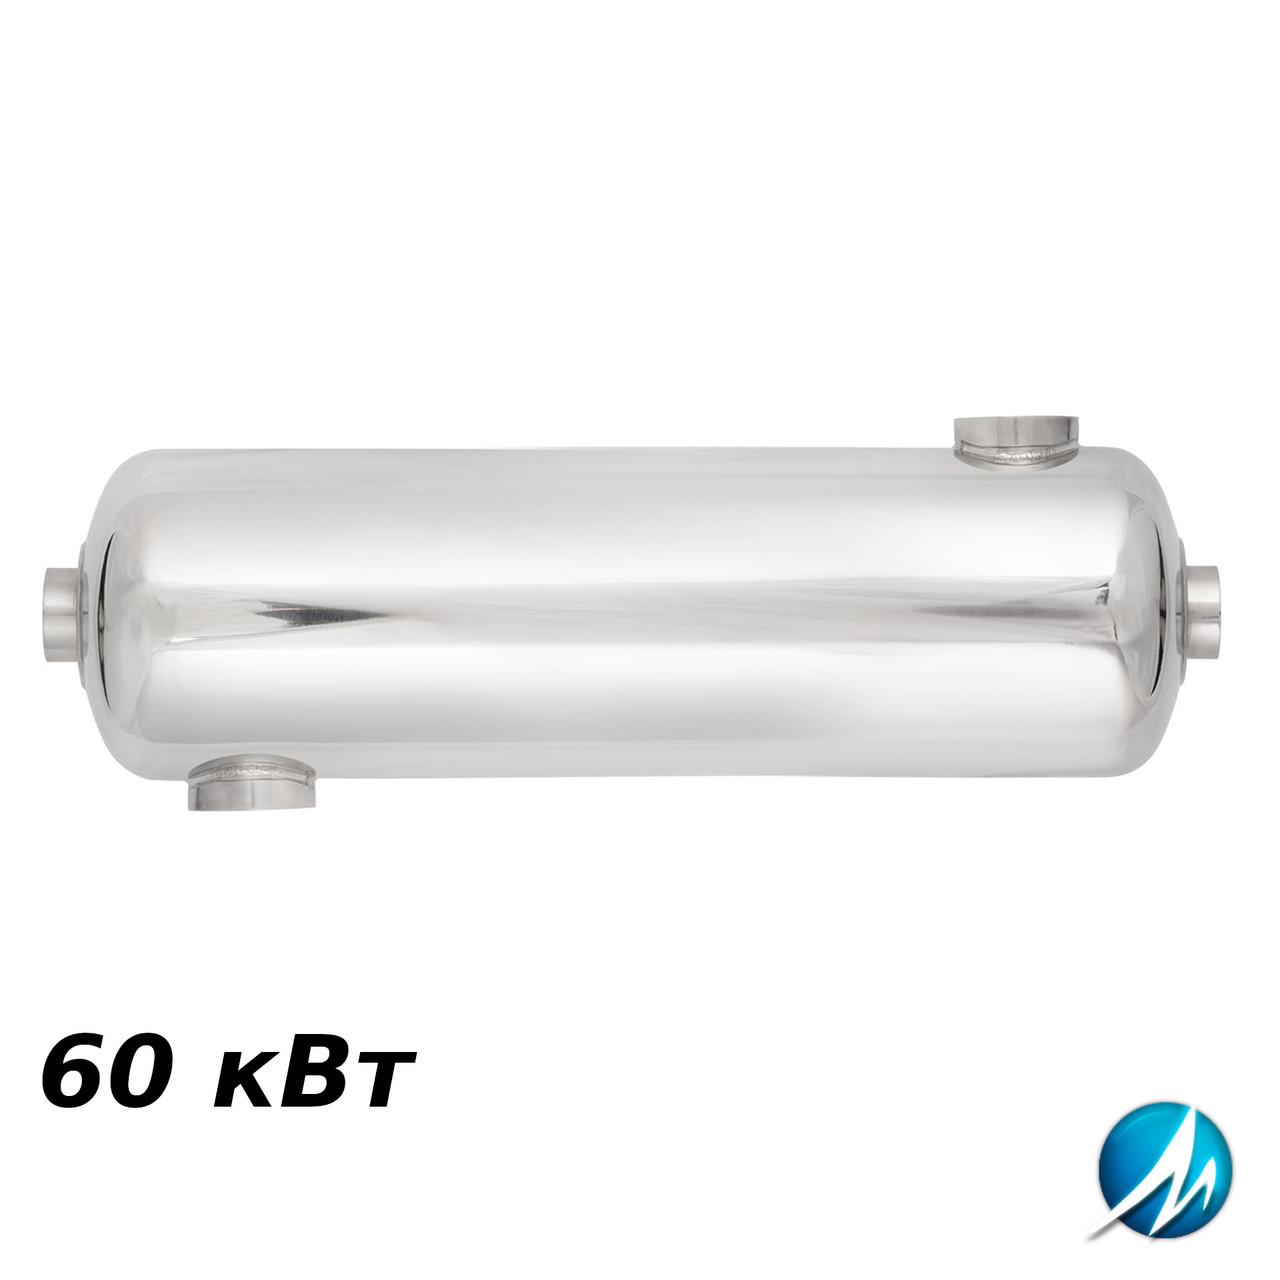 Теплообменник Aquaviva MF-200 60 кВт 304L